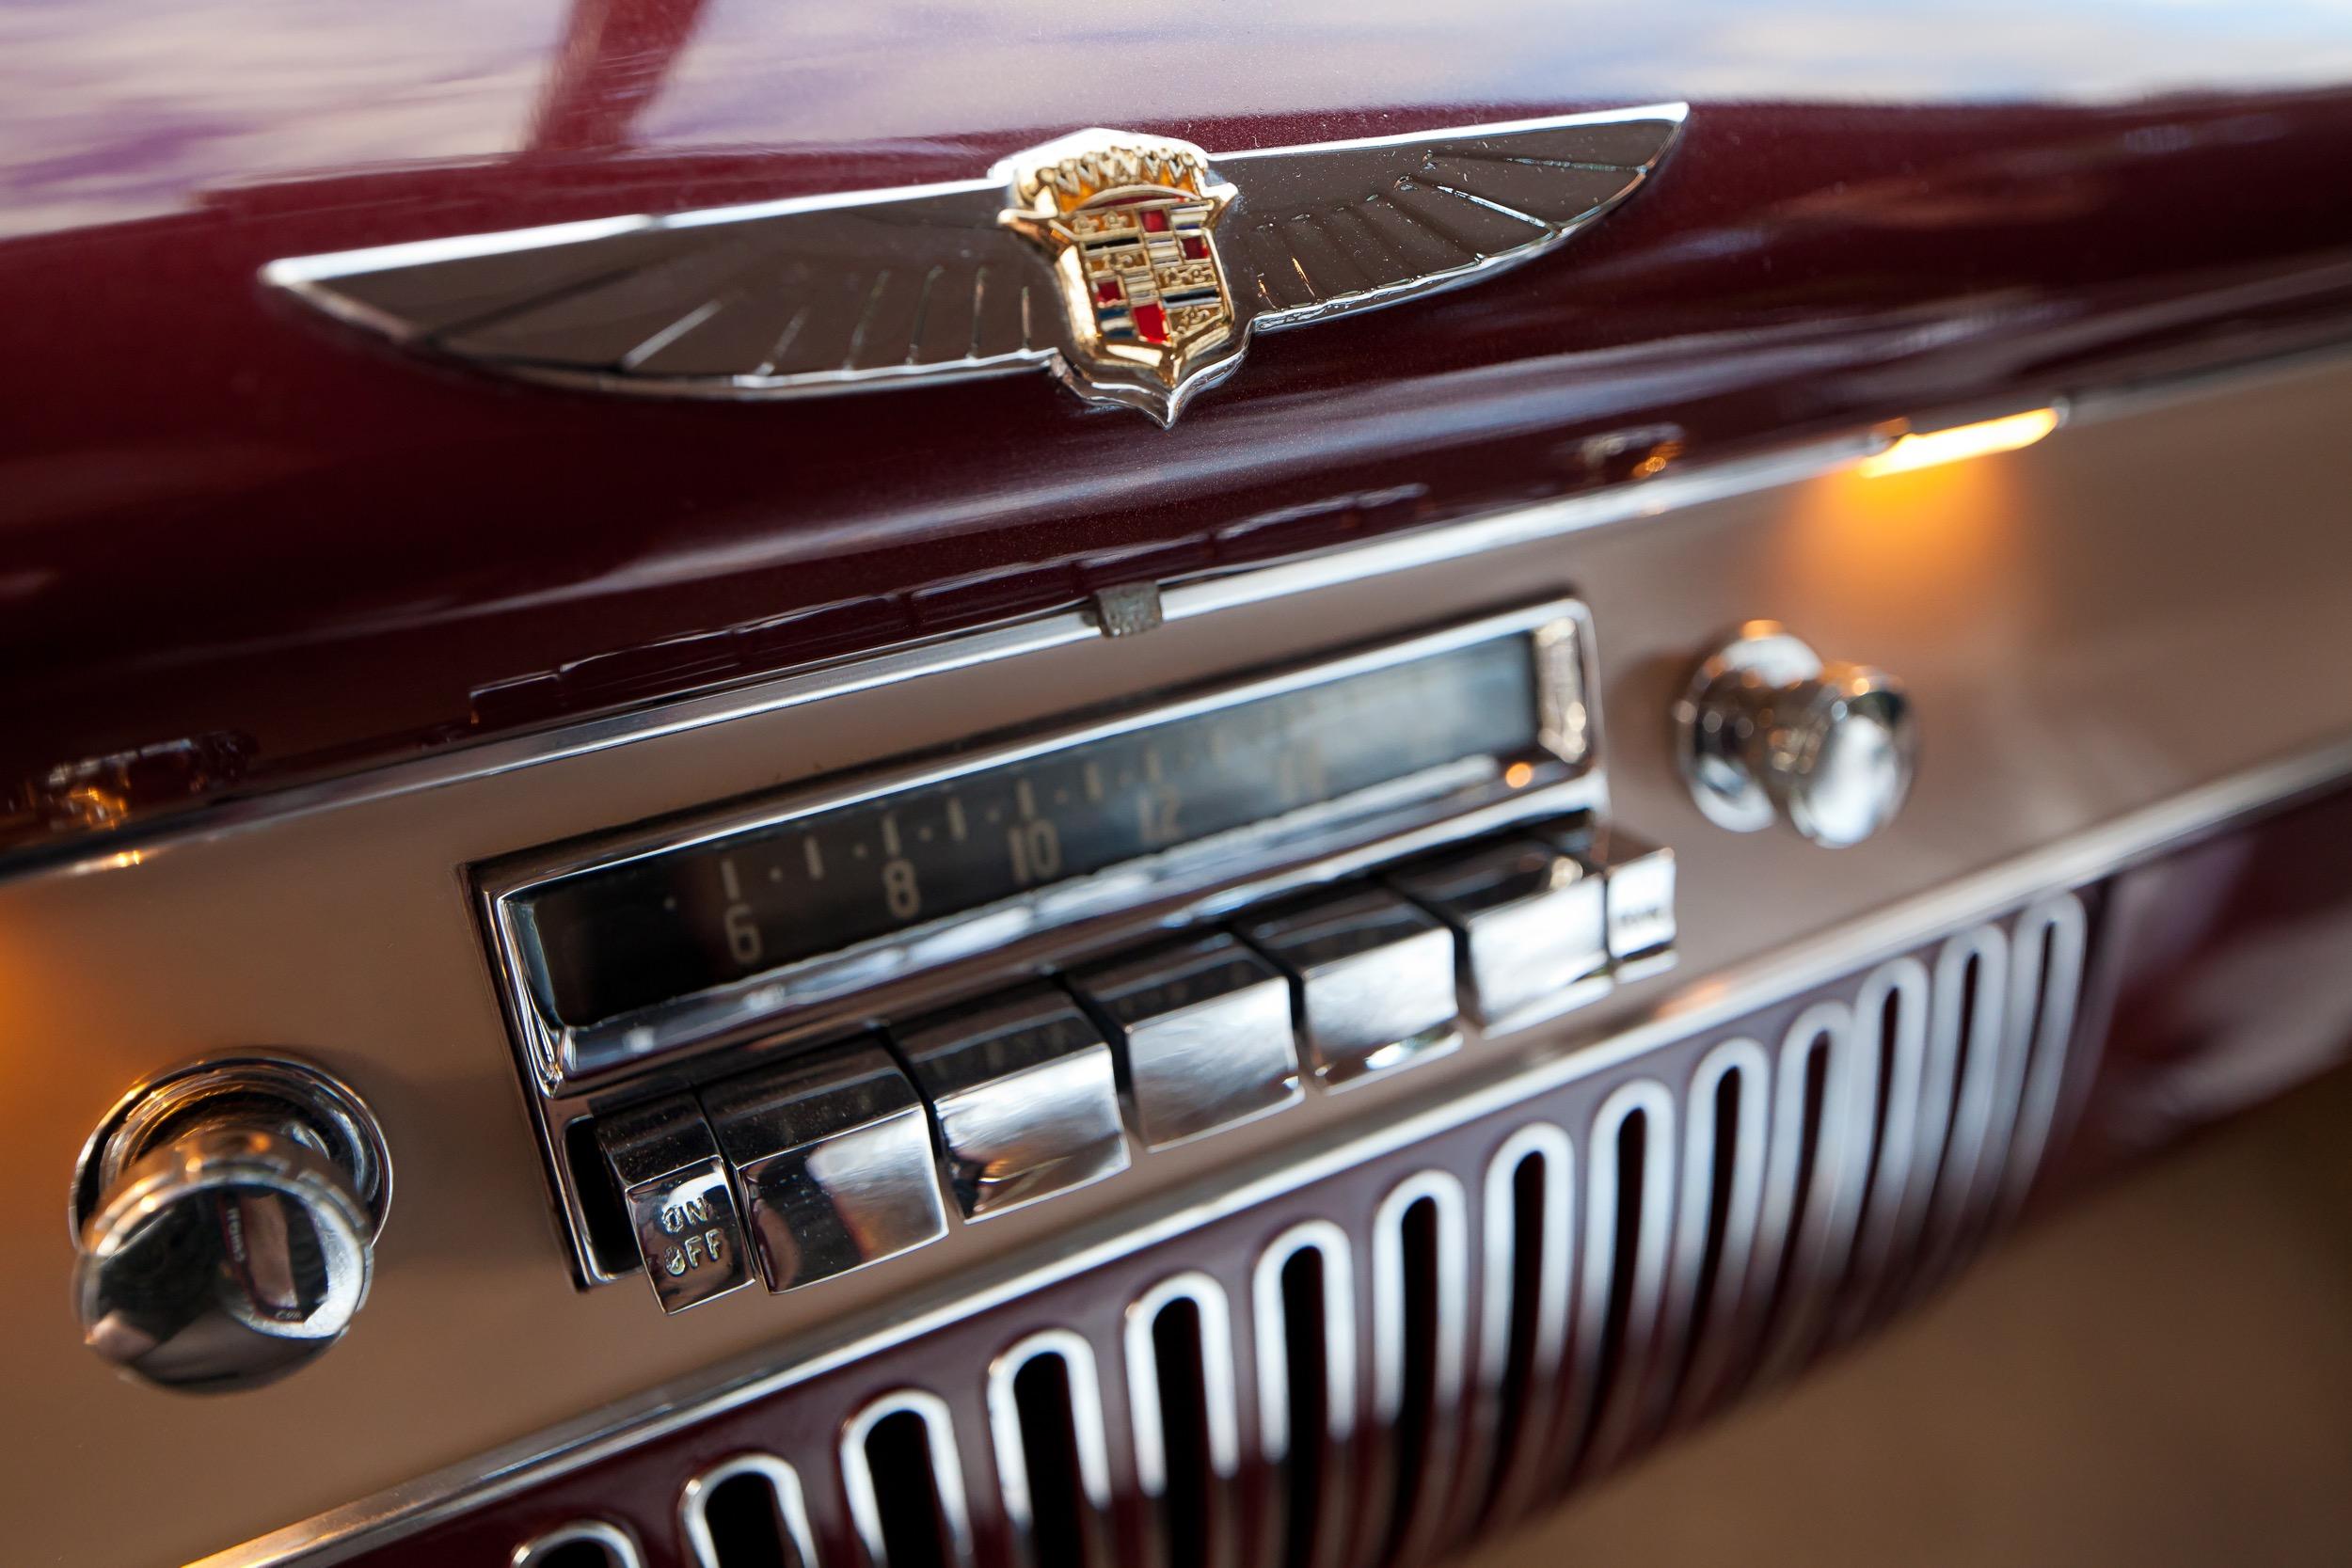 Die Cadillac Von 1948 49 Radicalmag 1951 Fleetwood 60 Special Der Ewige 40er Jahre War Allerdings Series 75 Unter Dem Blech Allen Neuerungen Wie Verbesserten Hydramatic Und Neuen